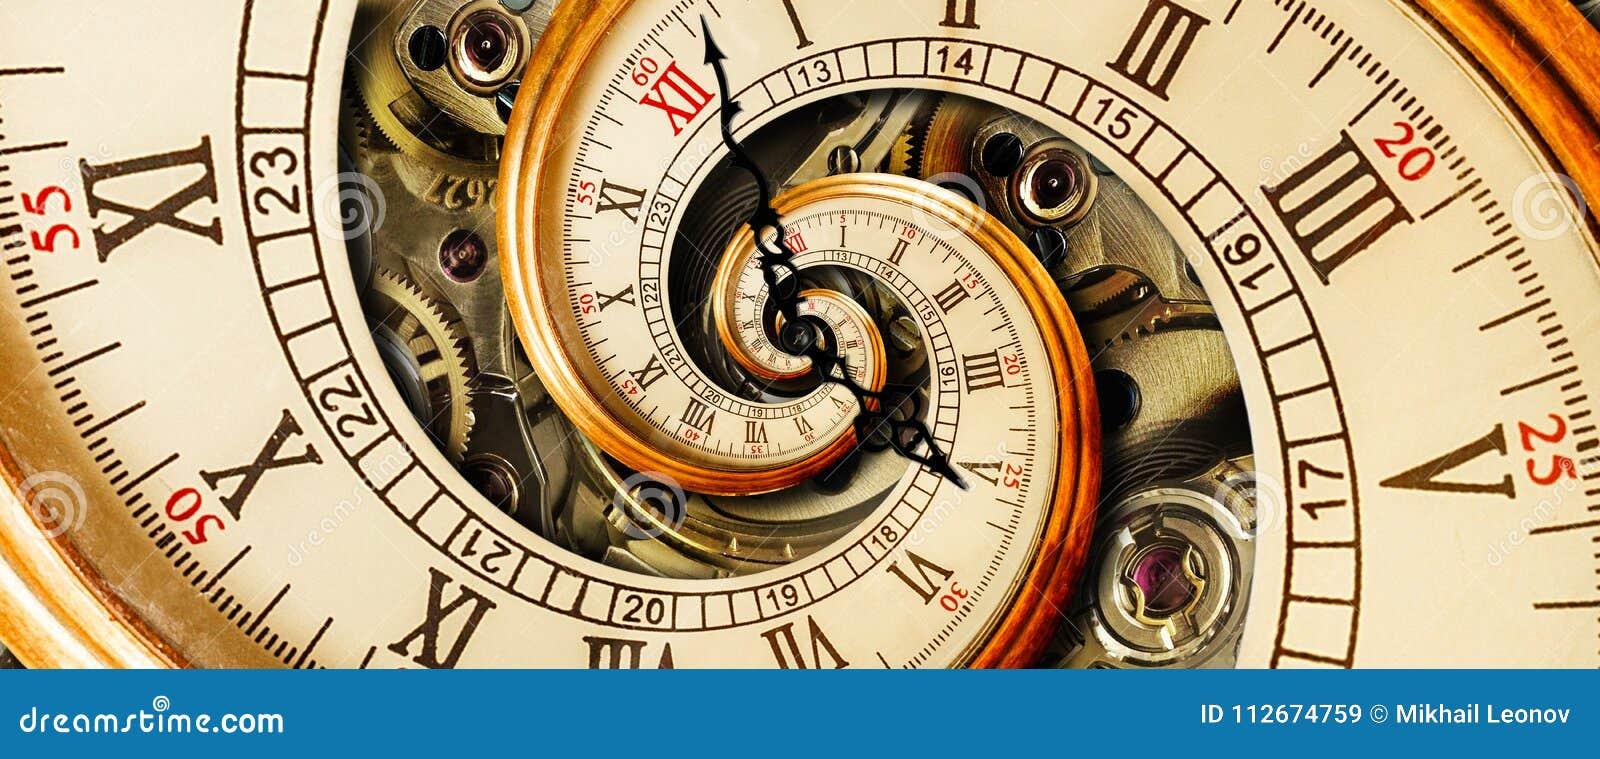 古色古香的老时钟摘要分数维螺旋 观看经典时钟机制异常的抽象纹理分数维样式背景 老